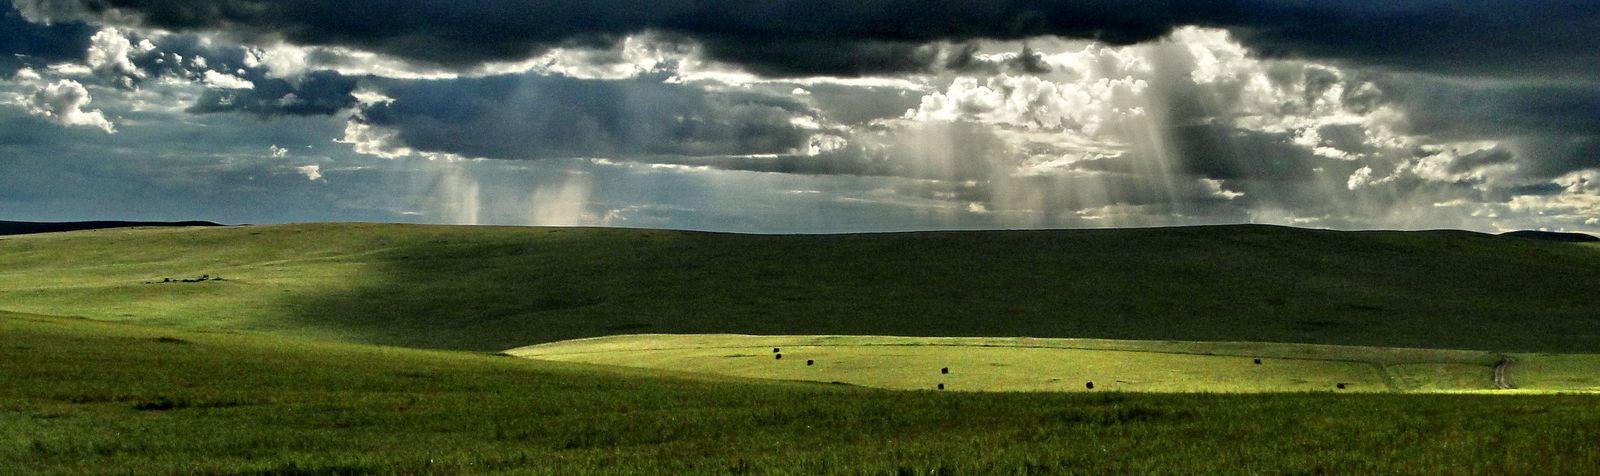 NICHT MEHR VERWENDEN! - Mongolisches Plateau